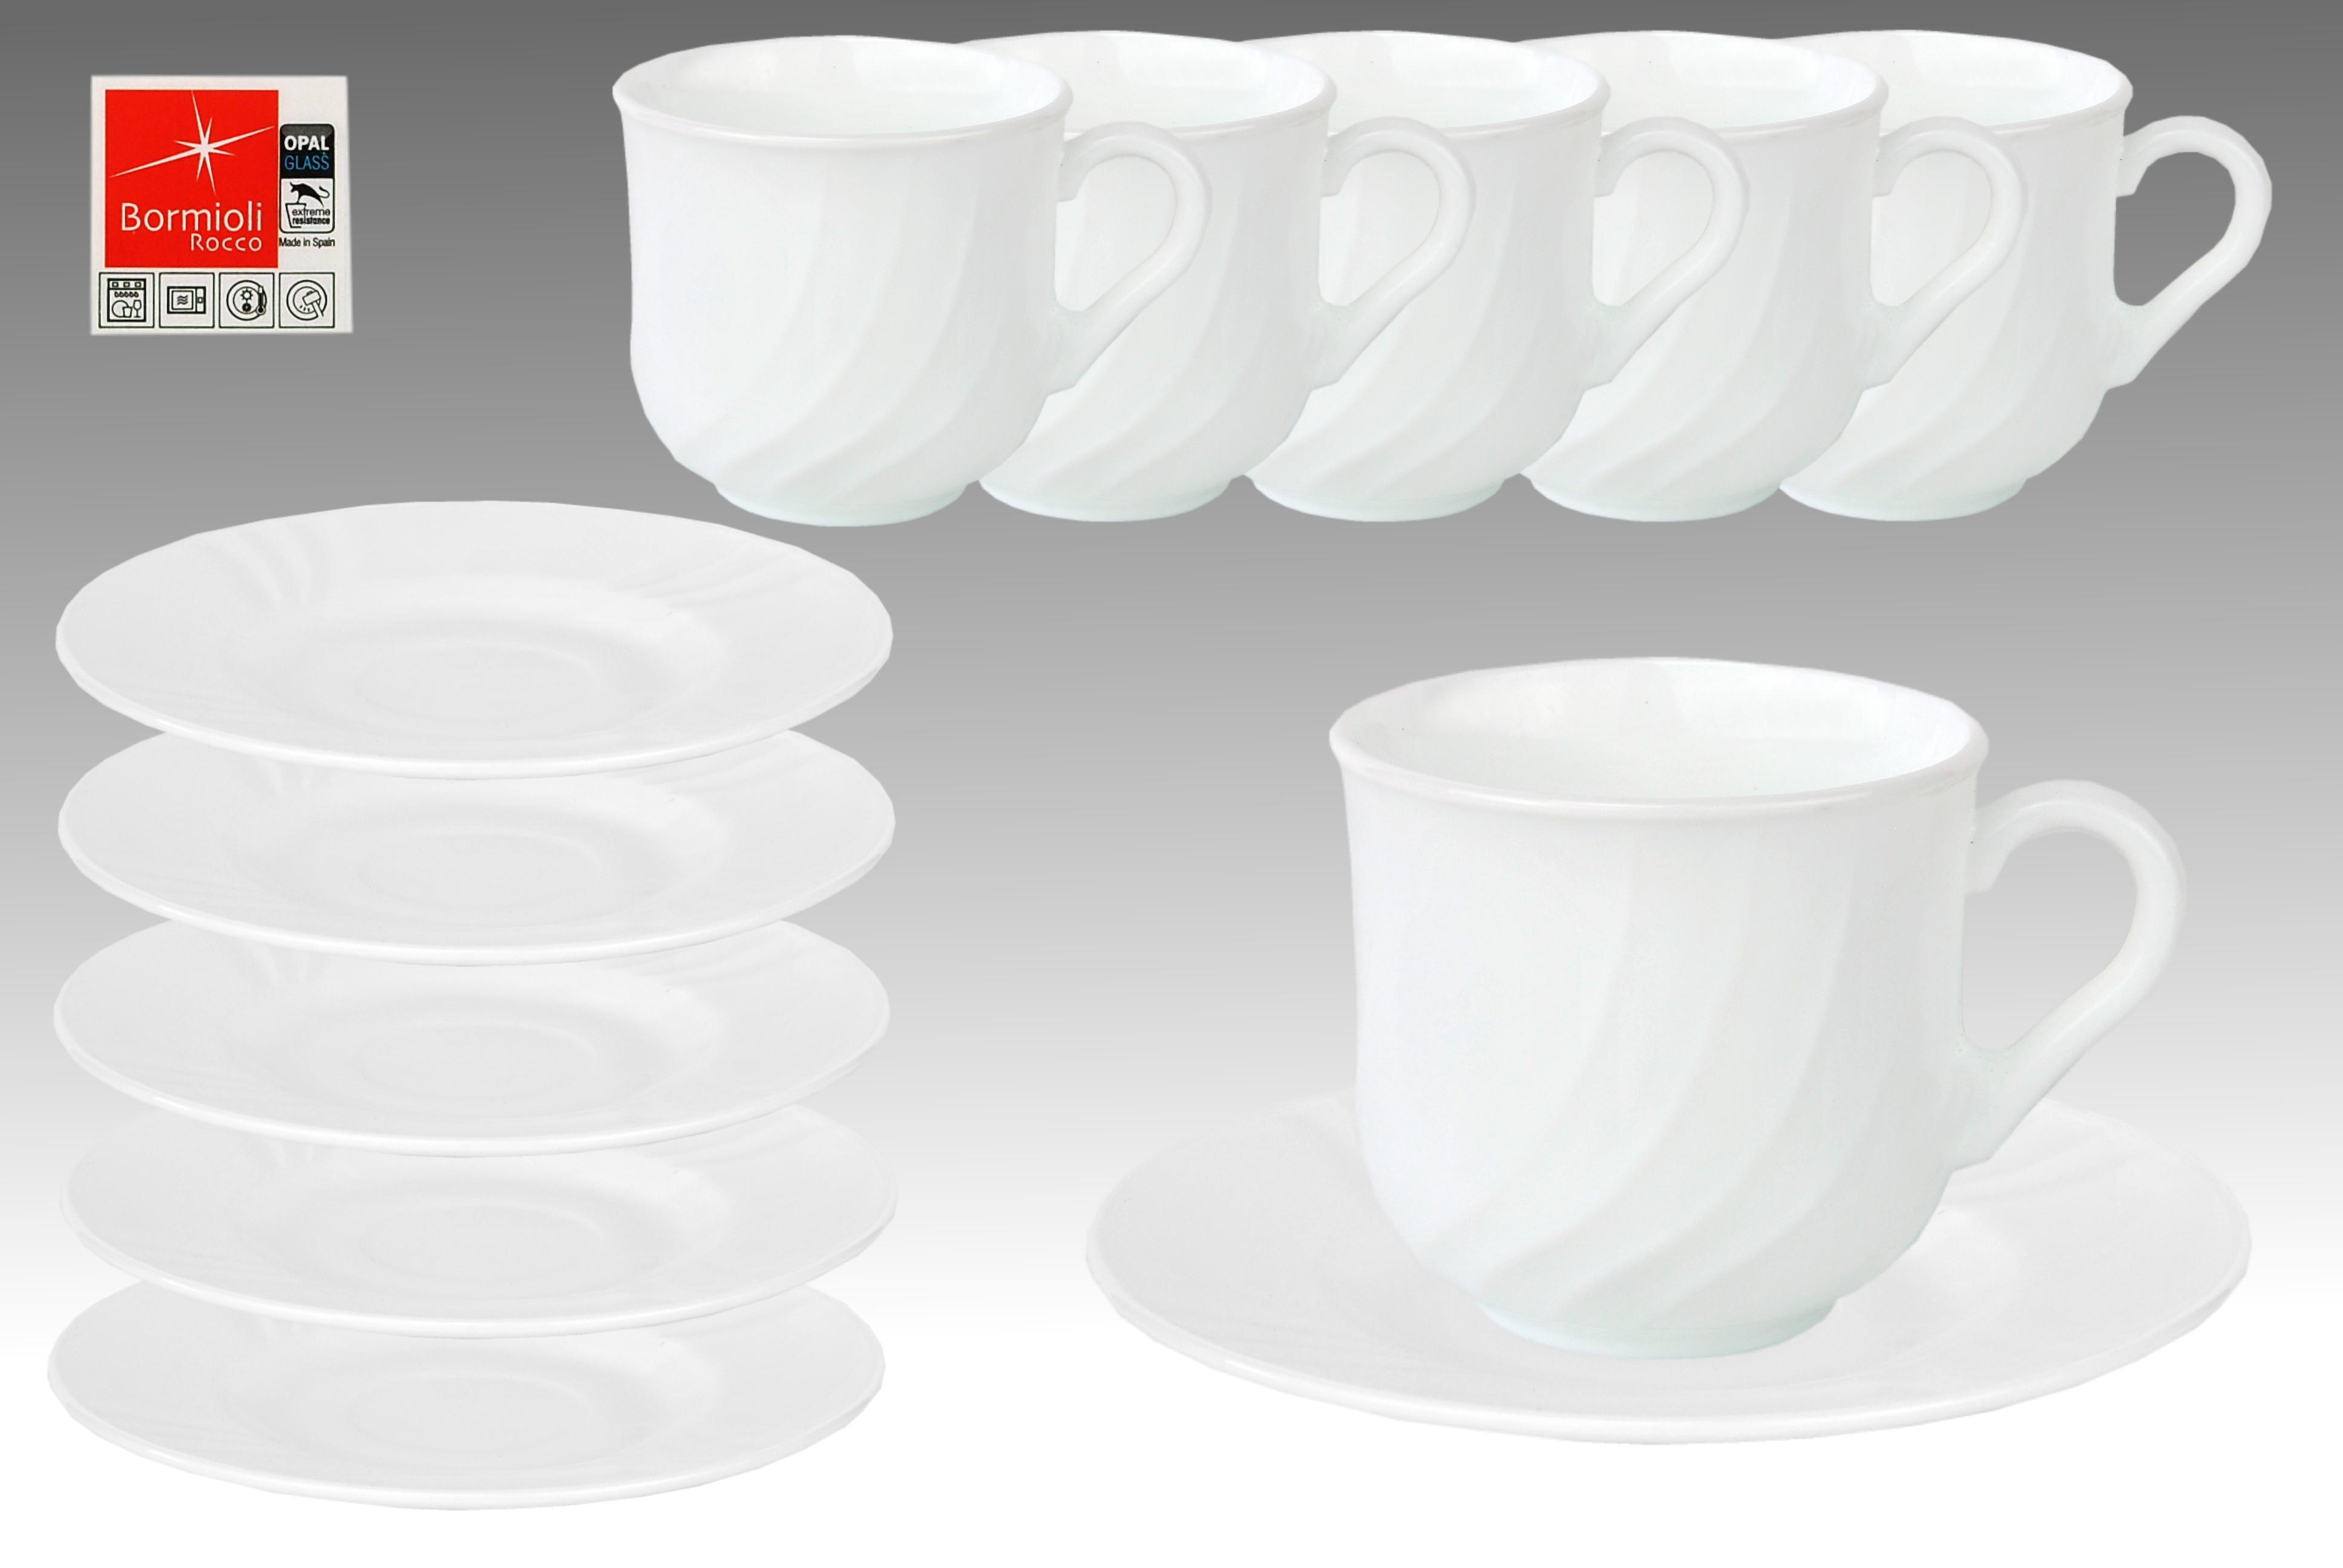 6er set kaffeetasse 25cl mit untertasse 15 5cm ebro aus opal hartglas porzellan tassen und becher. Black Bedroom Furniture Sets. Home Design Ideas